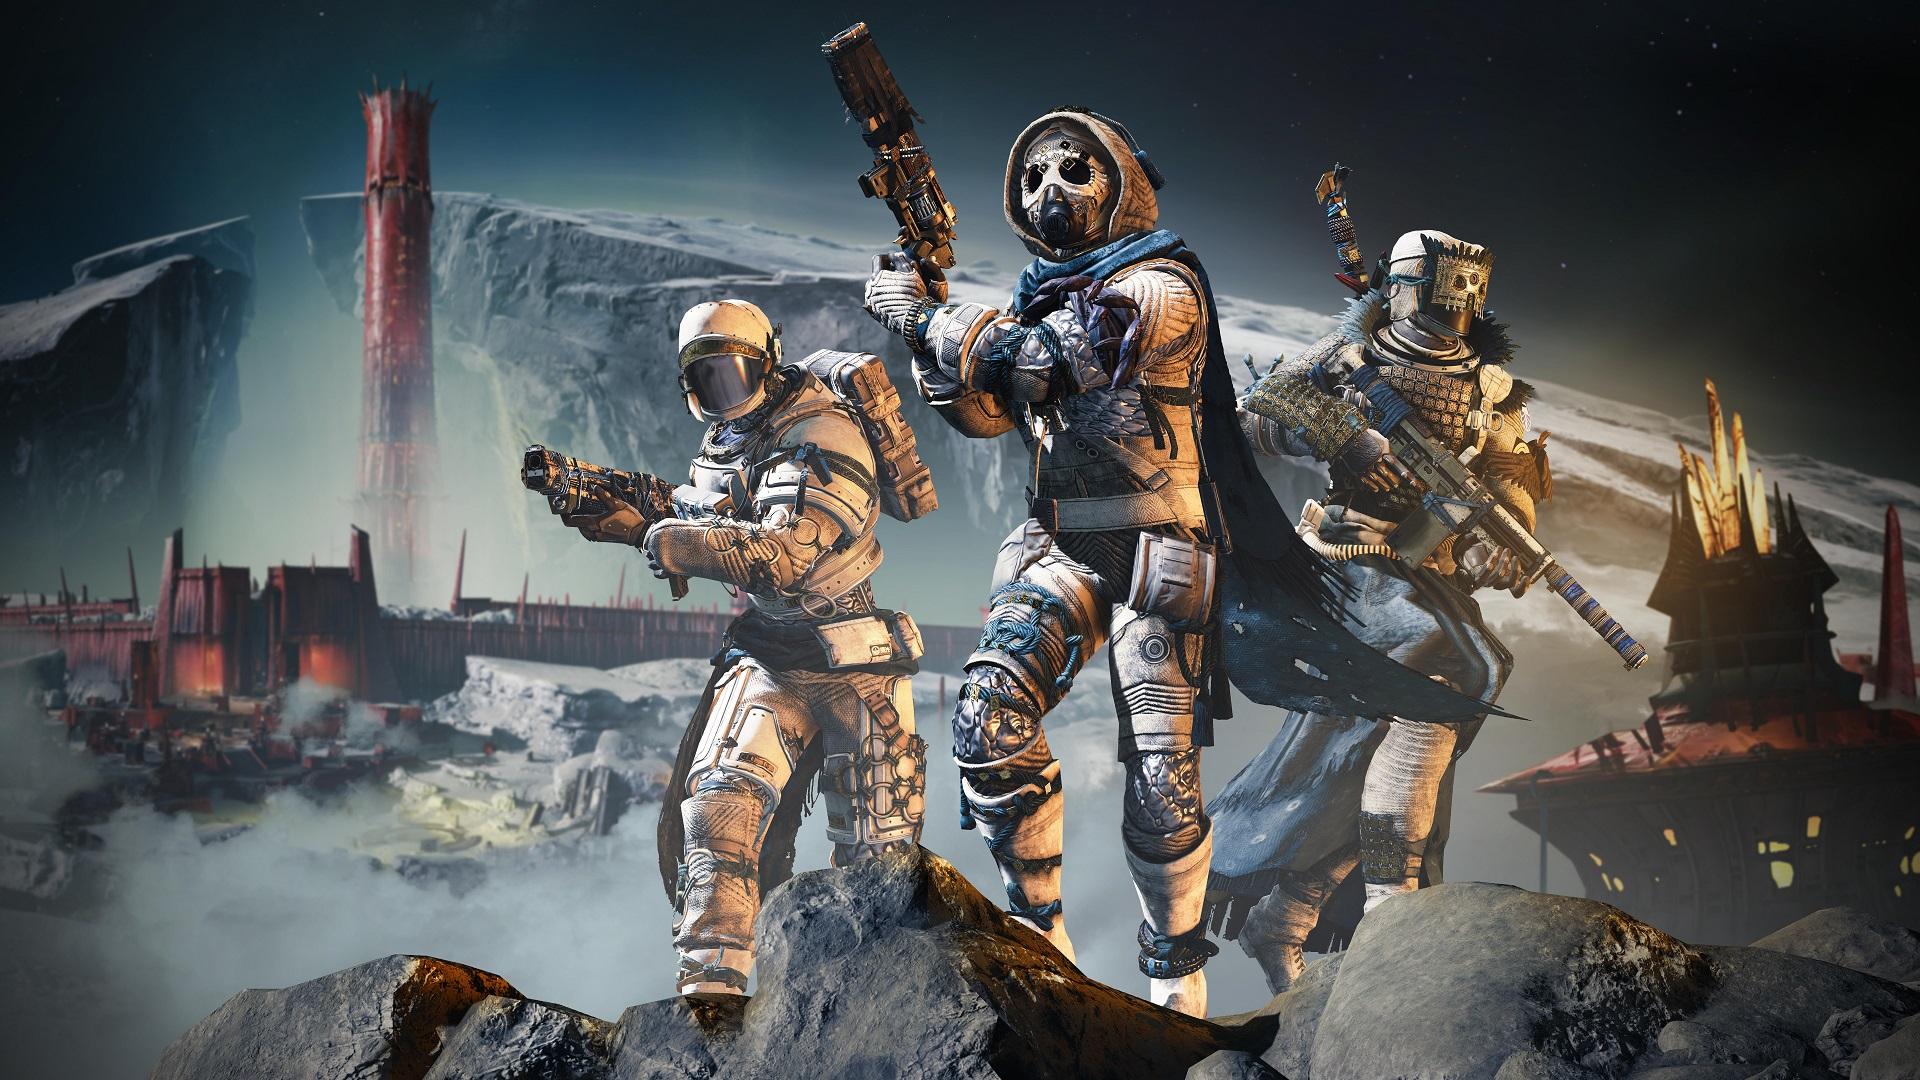 Destiny 2 Armor 2 0 explained: new armor mods, energy slots